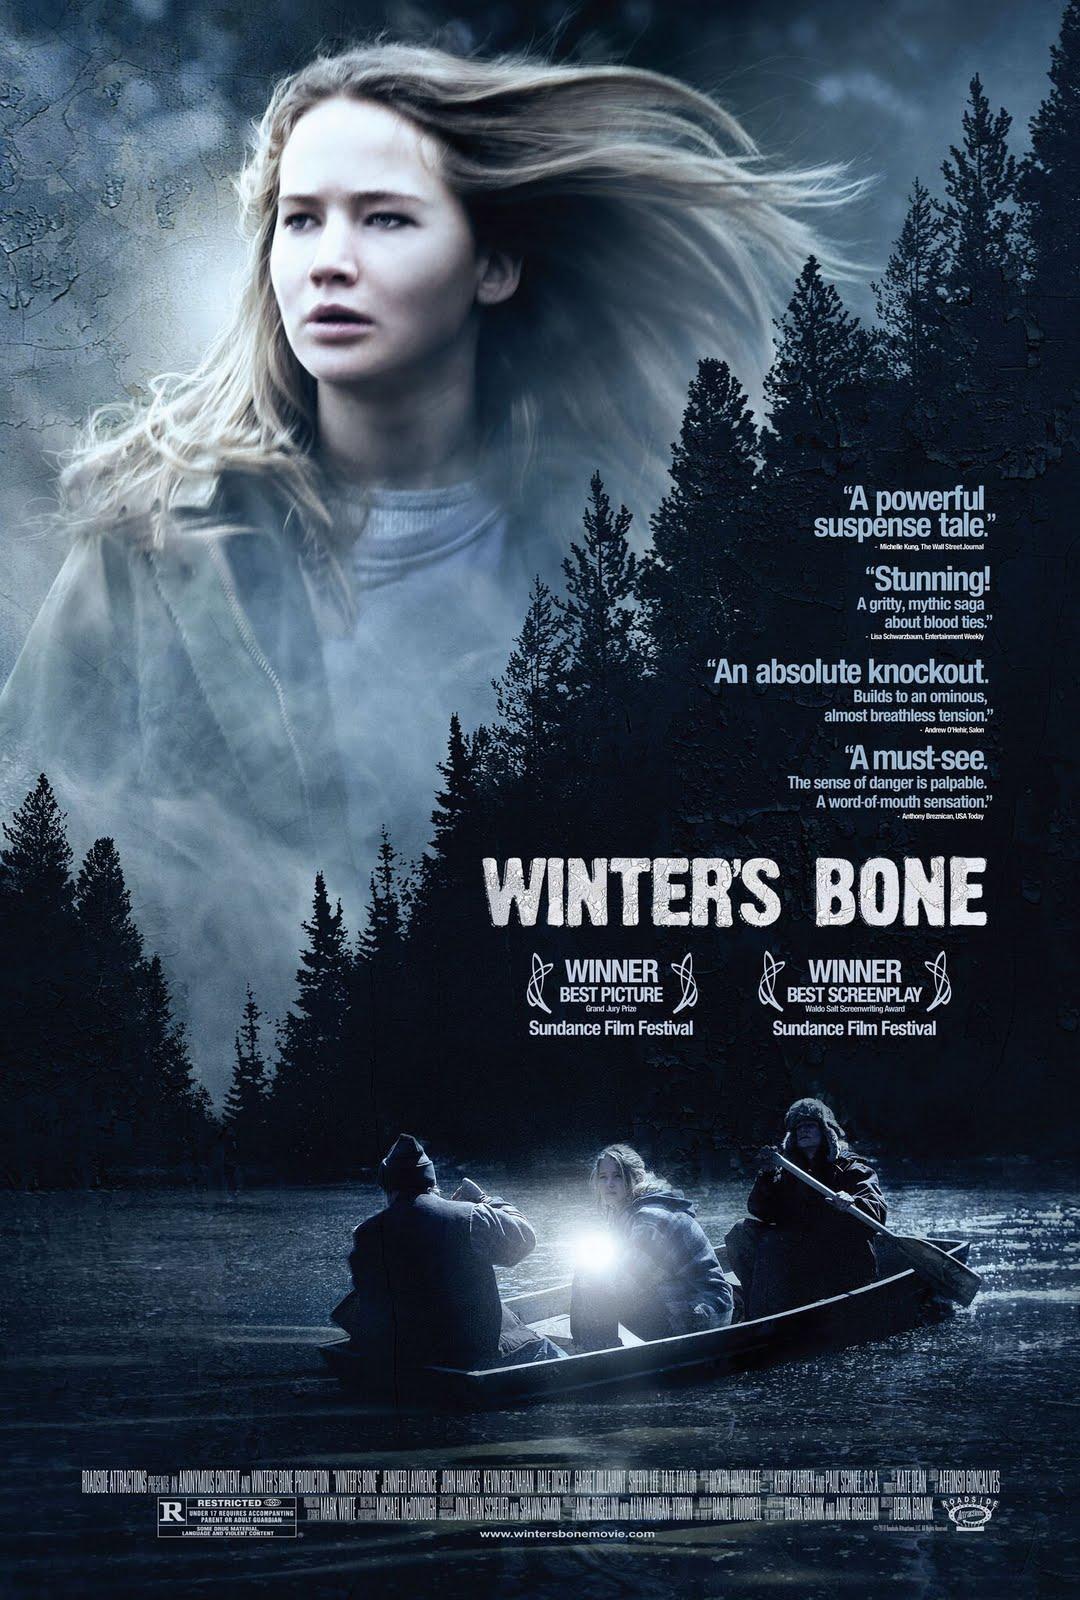 http://1.bp.blogspot.com/-TAgrfd_vJEY/Tt-PQNpaT5I/AAAAAAAAAX4/YZTHZWamf4Q/s1600/winters_bone_xlg.jpg